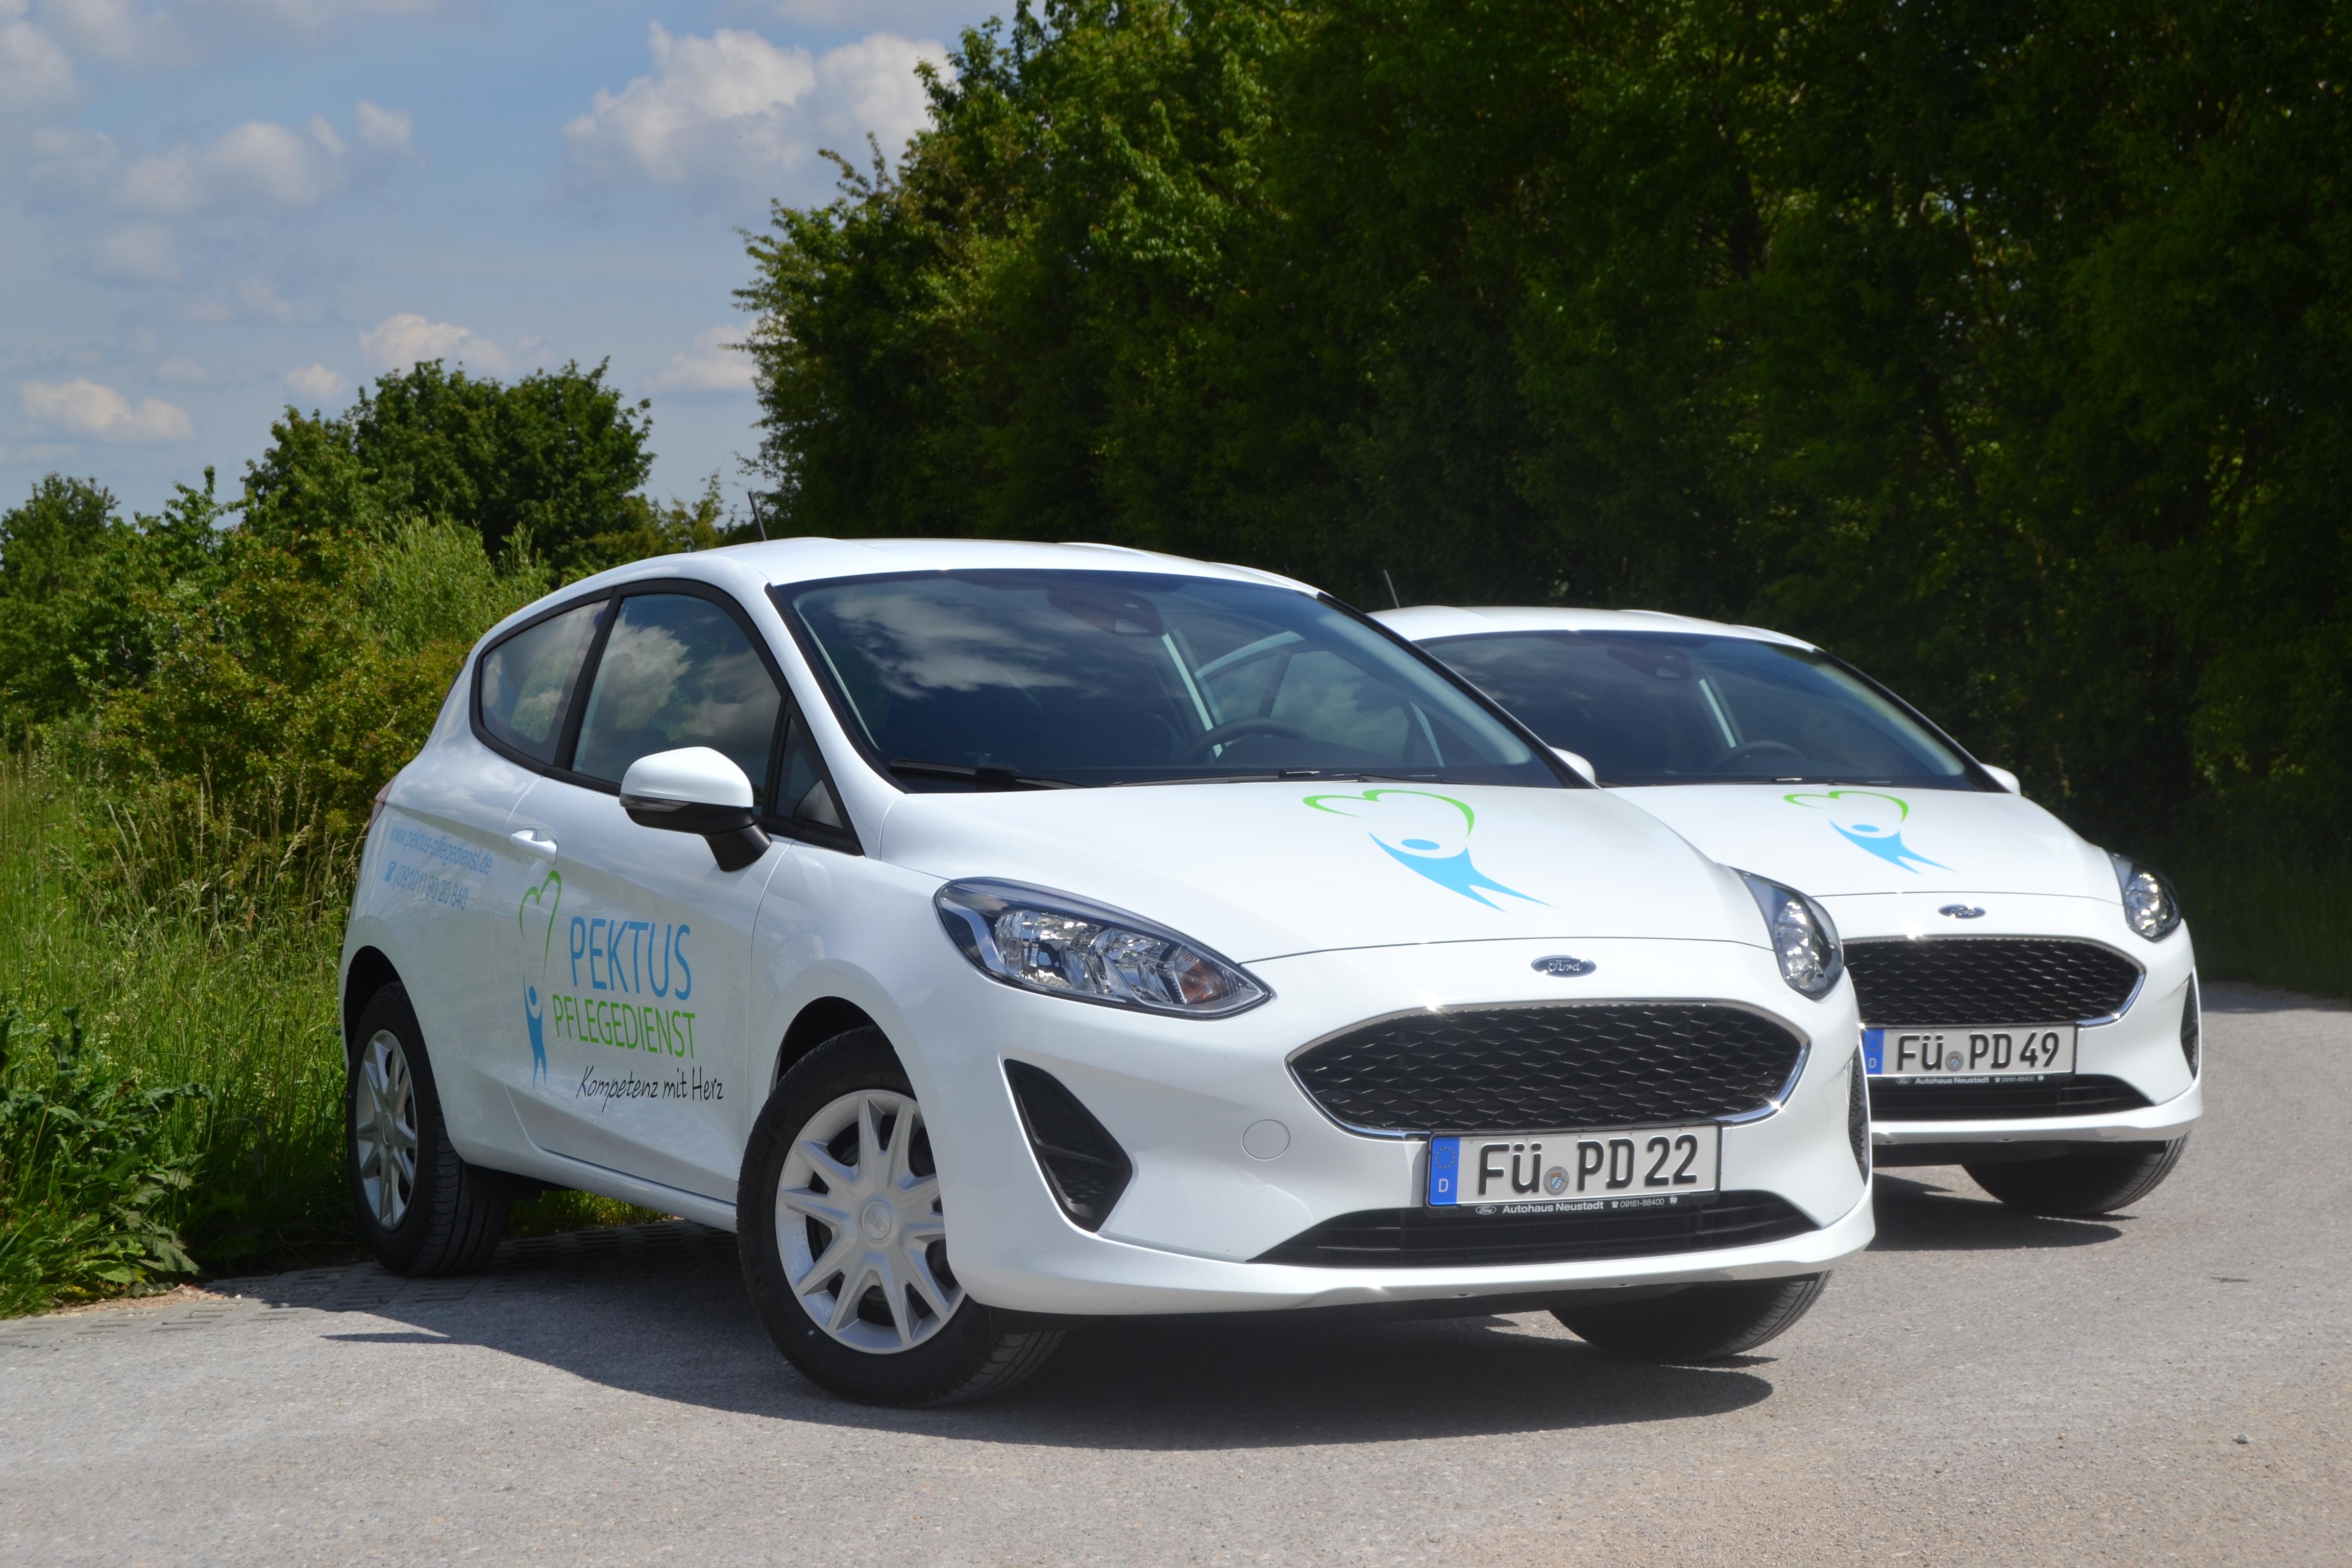 Zwei Neue Ford Fiesta Für Den Pflegedienst Pektus